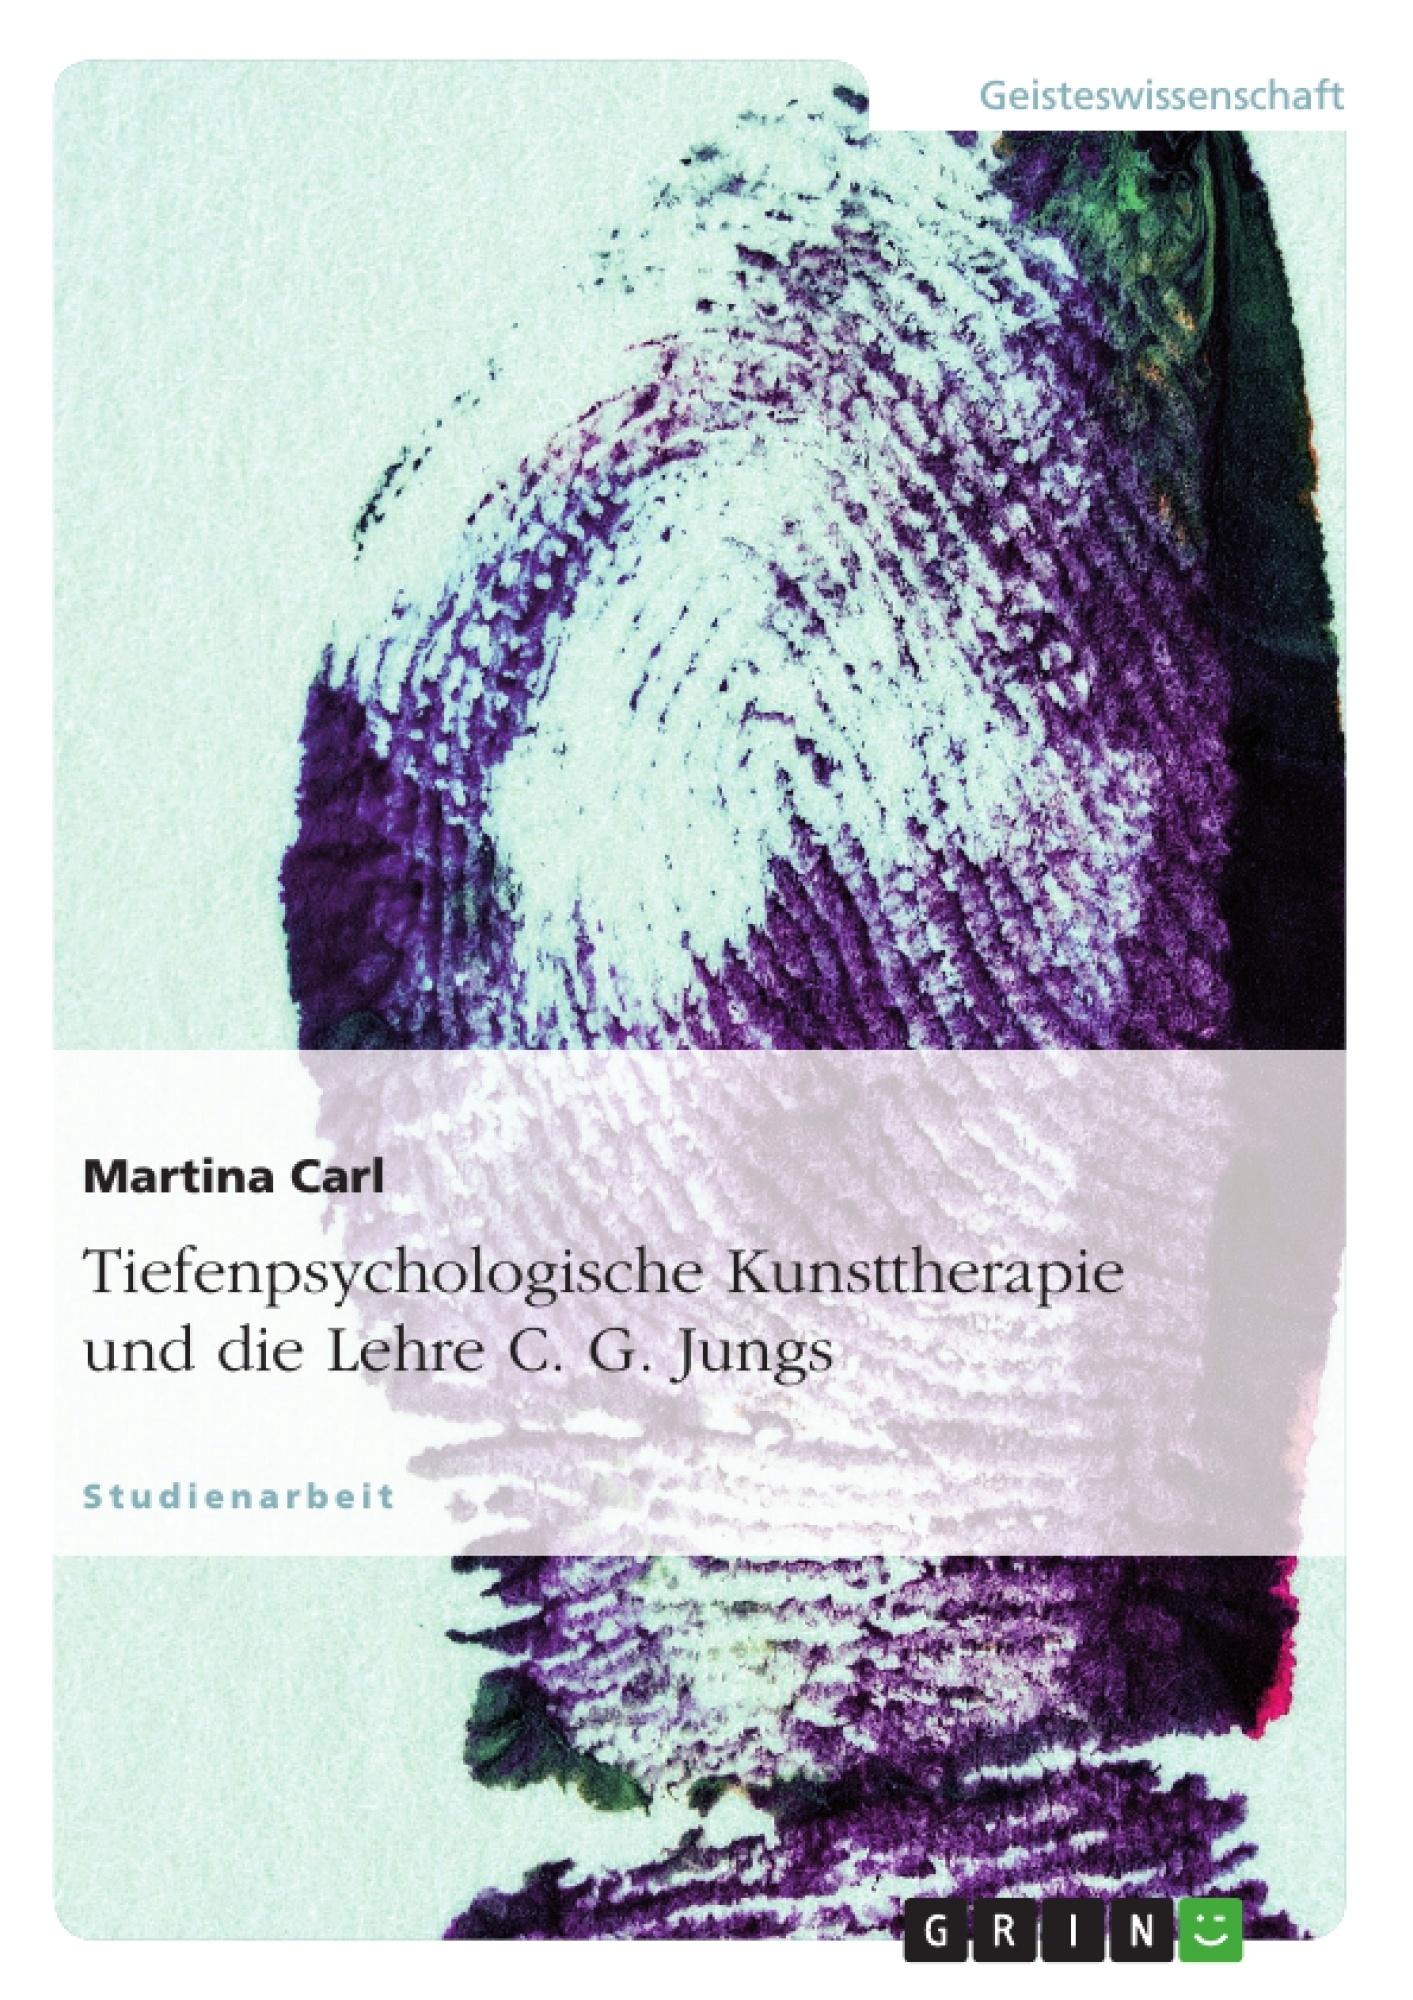 Titel: Tiefenpsychologische Kunsttherapie und die Lehre C. G. Jungs